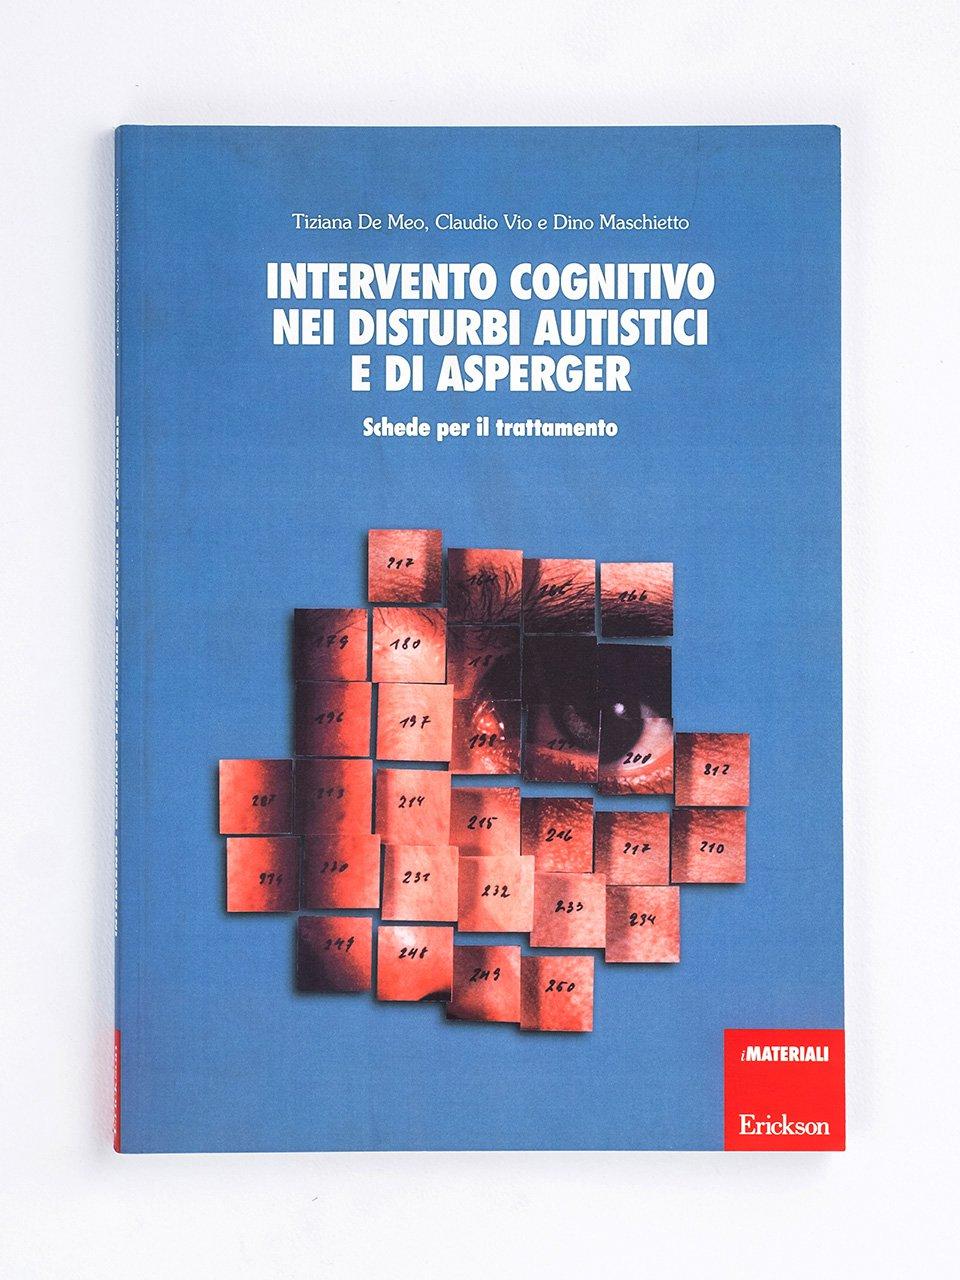 Intervento cognitivo nei disturbi autistici e di Asperger - Conosco il mondo con la LIS - Libri - Erickson